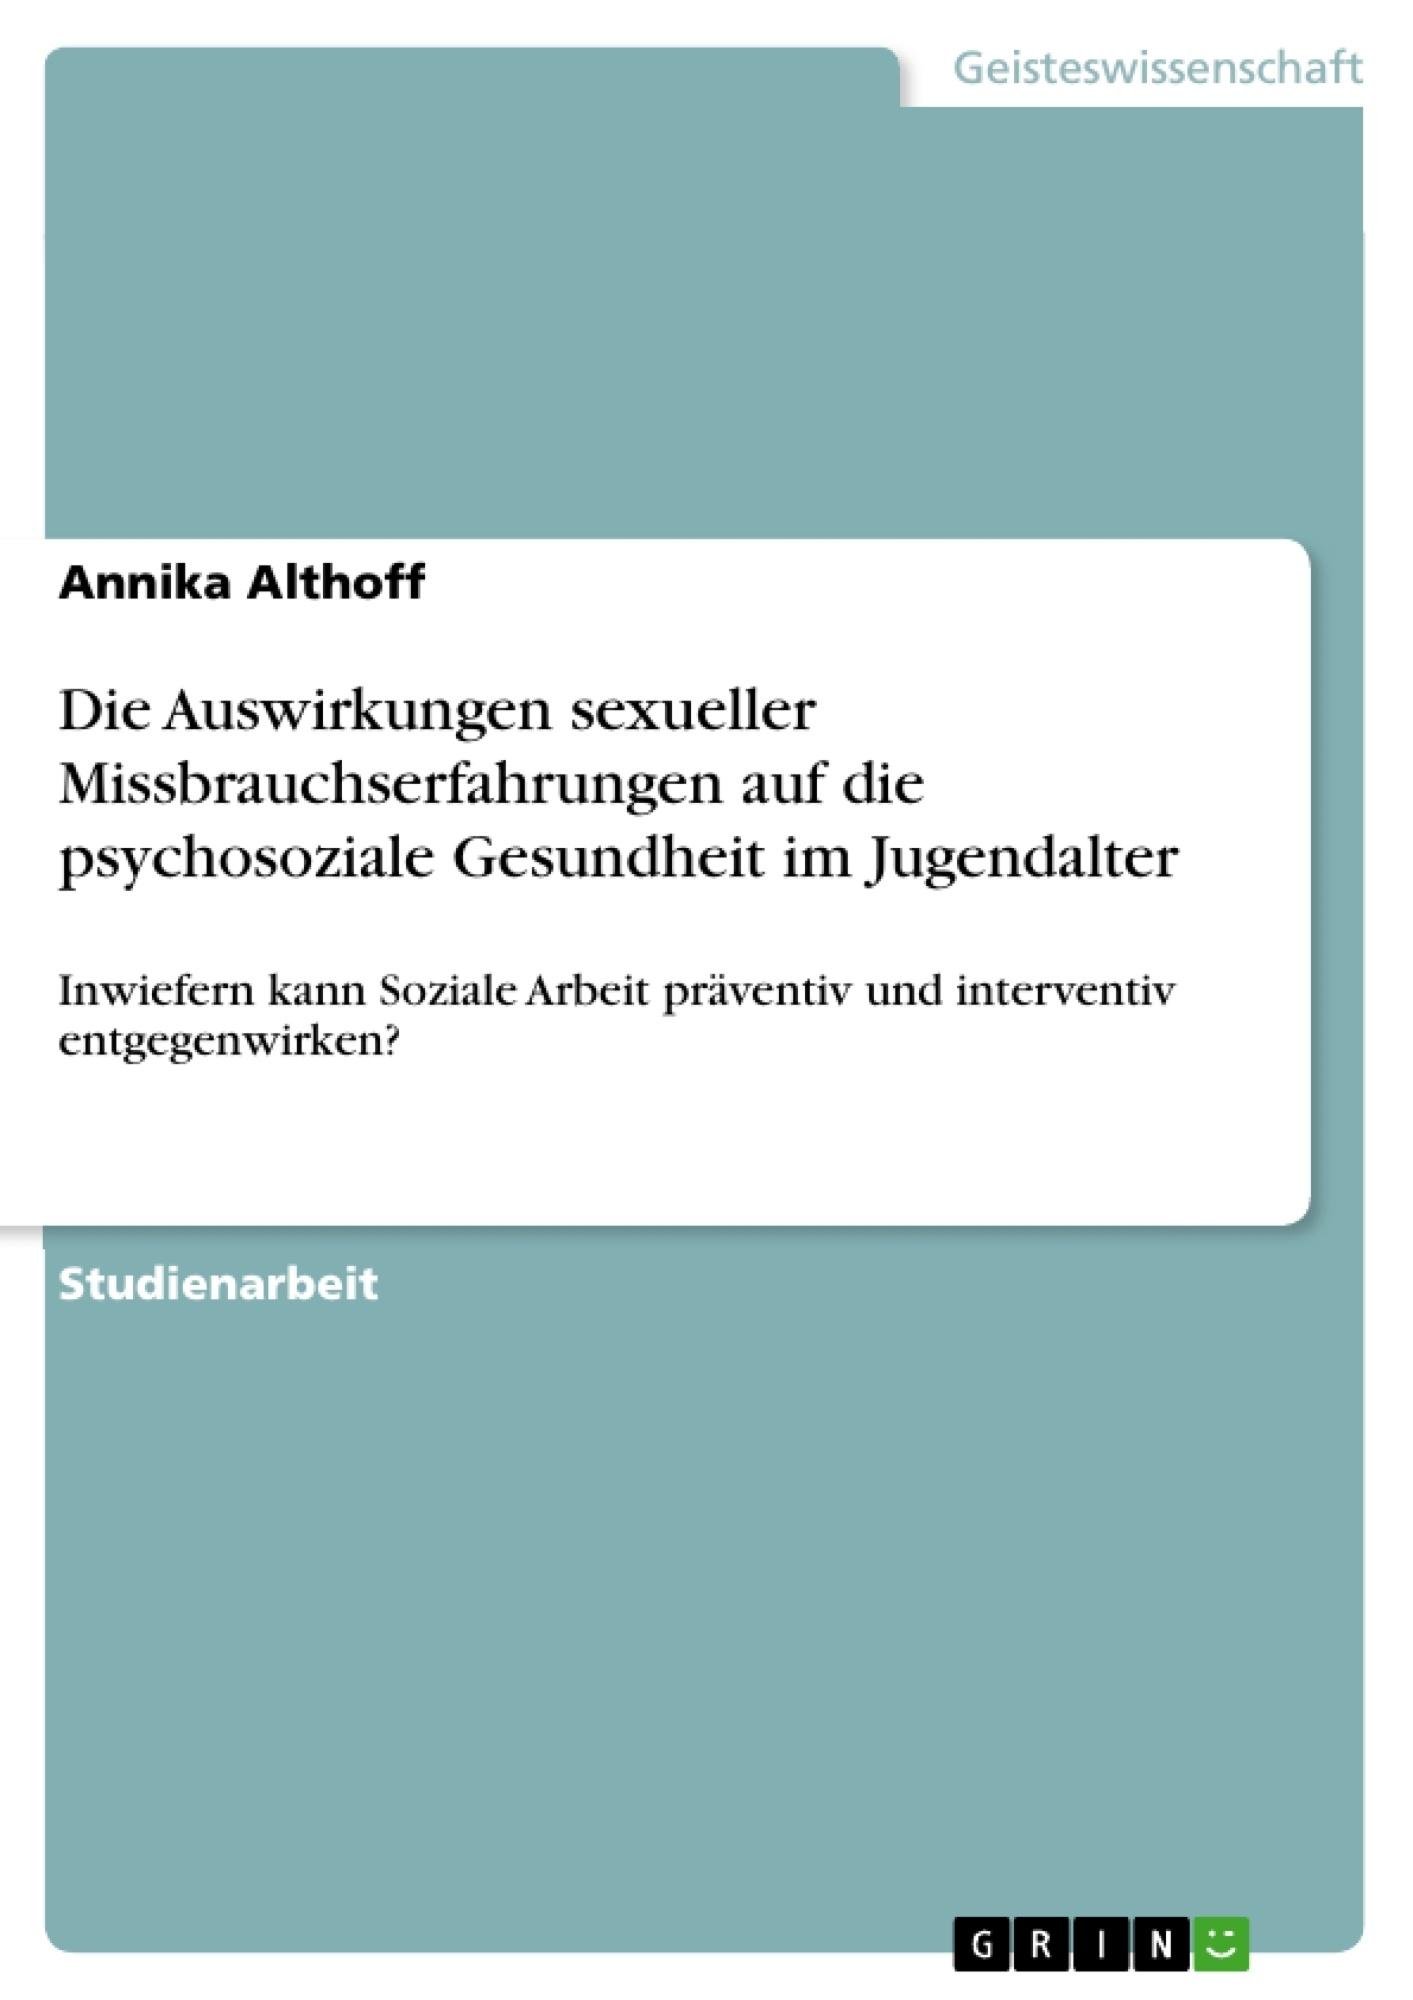 Titel: Die Auswirkungen sexueller Missbrauchserfahrungen auf die psychosoziale Gesundheit im Jugendalter